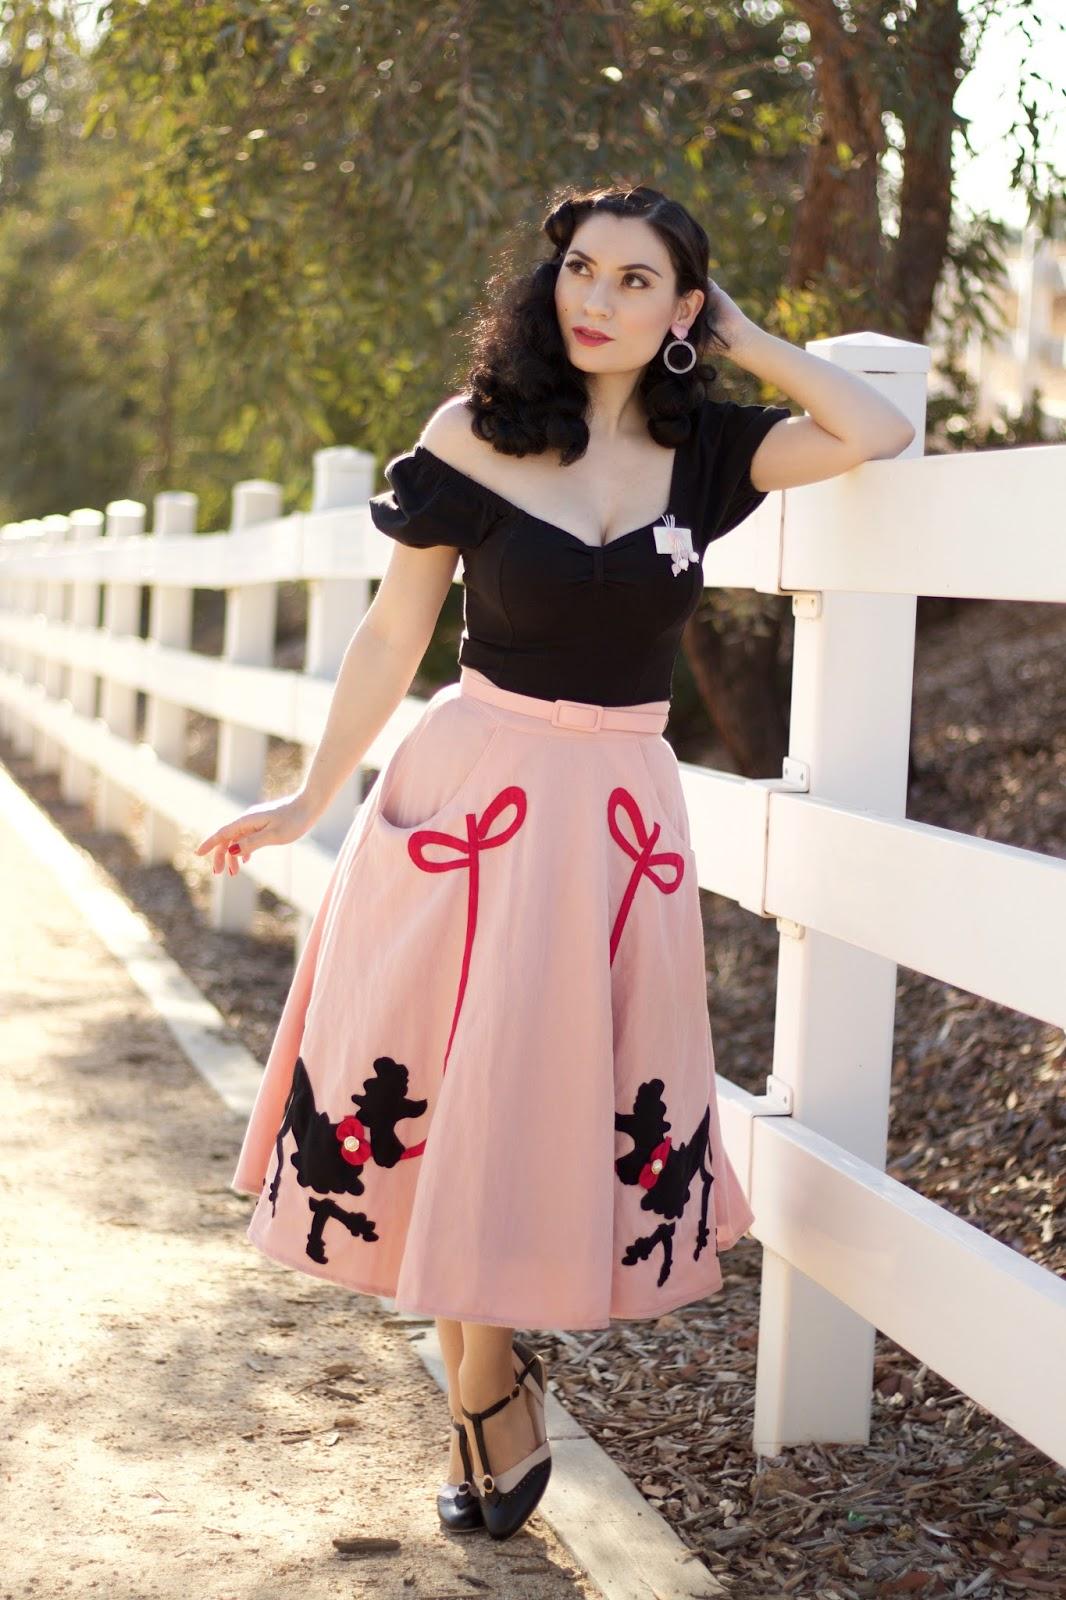 Poodle Skirt | Unique Vintage - MissVintageLady